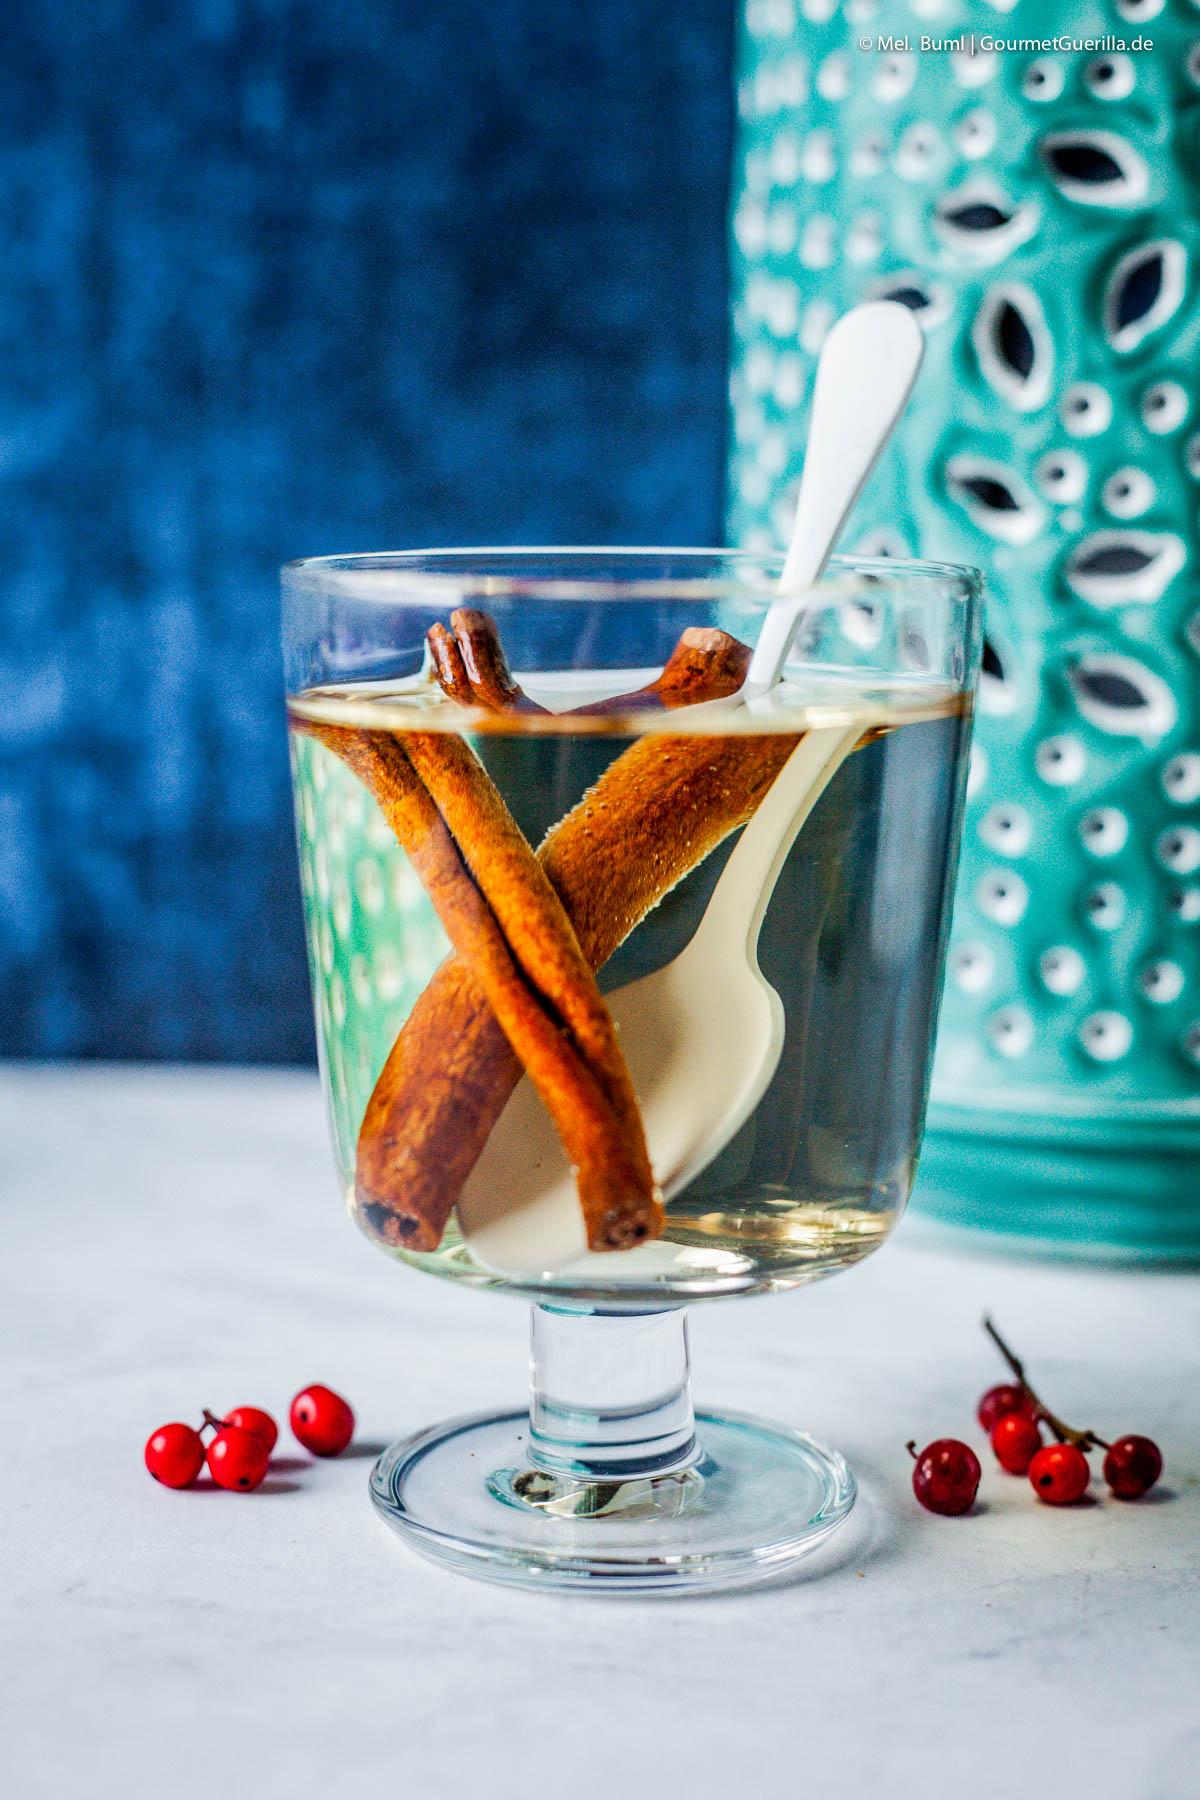 Schneller Apfel-Zimt-Tee –4 süffige und schnelle DYI-Tees für Herbst und Winter |GourmetGuerilla.de